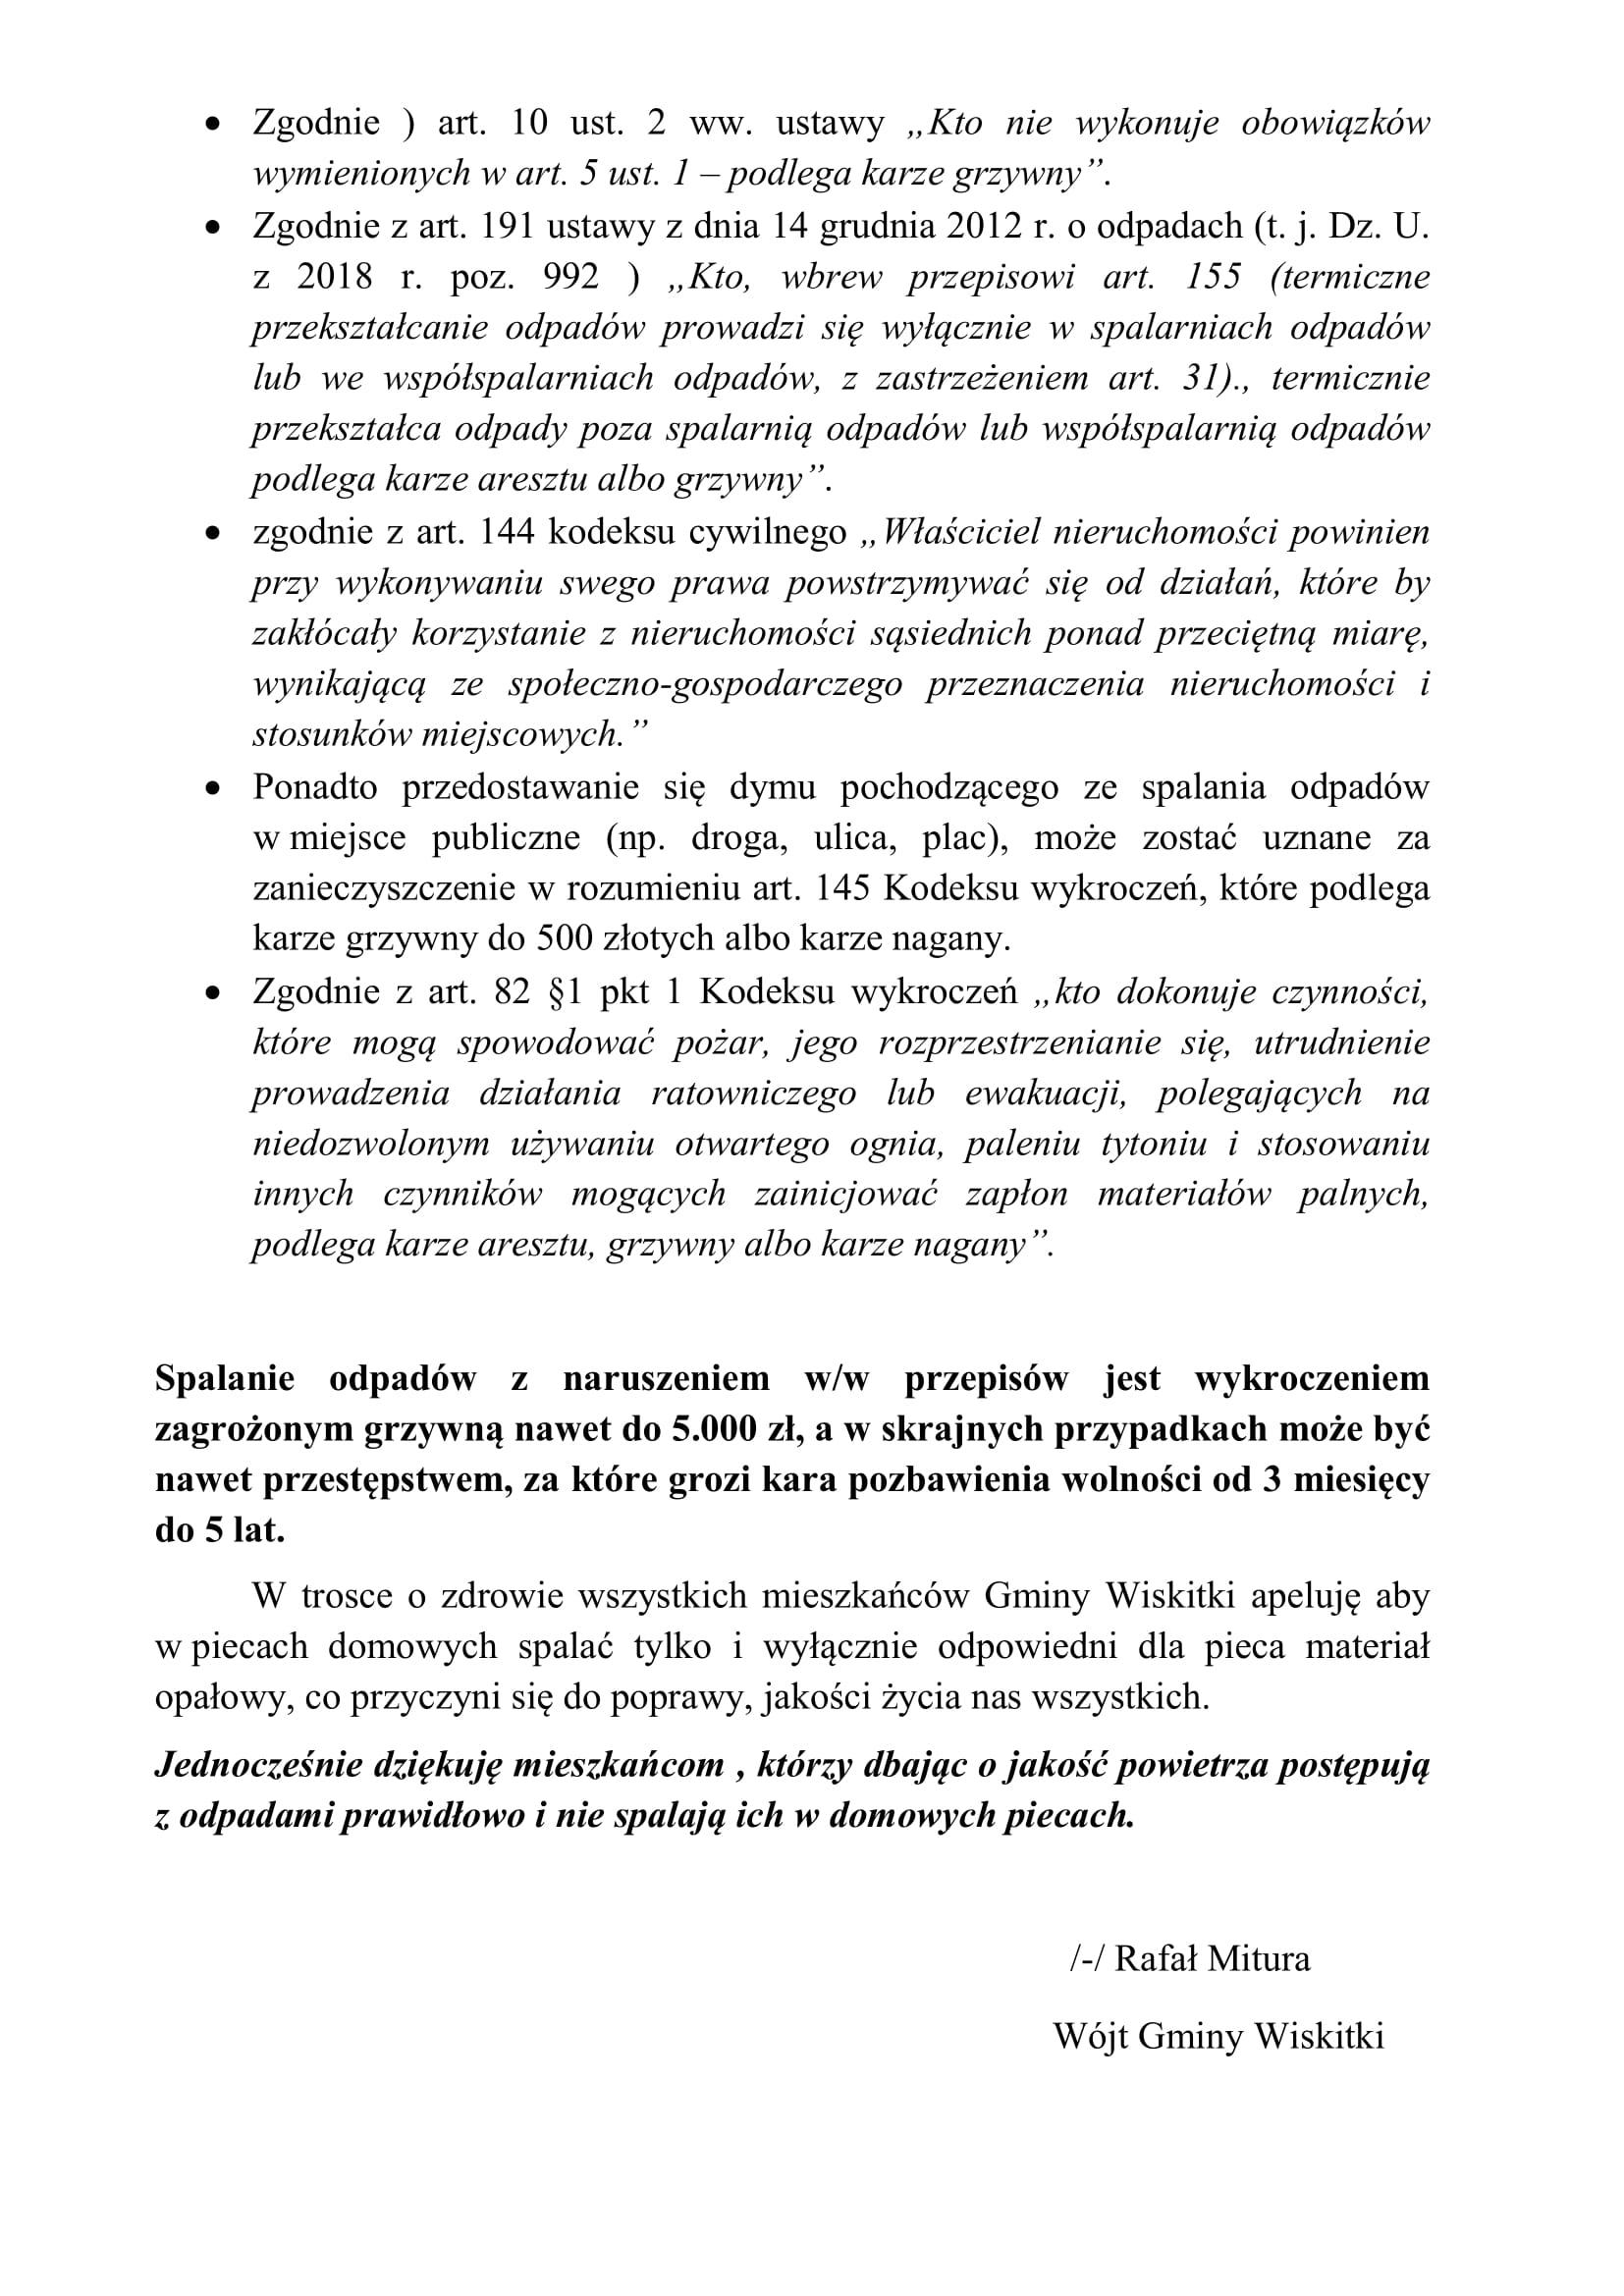 ZAKAZ PALENIA ŚMIECI- wersja mocniejsza-2